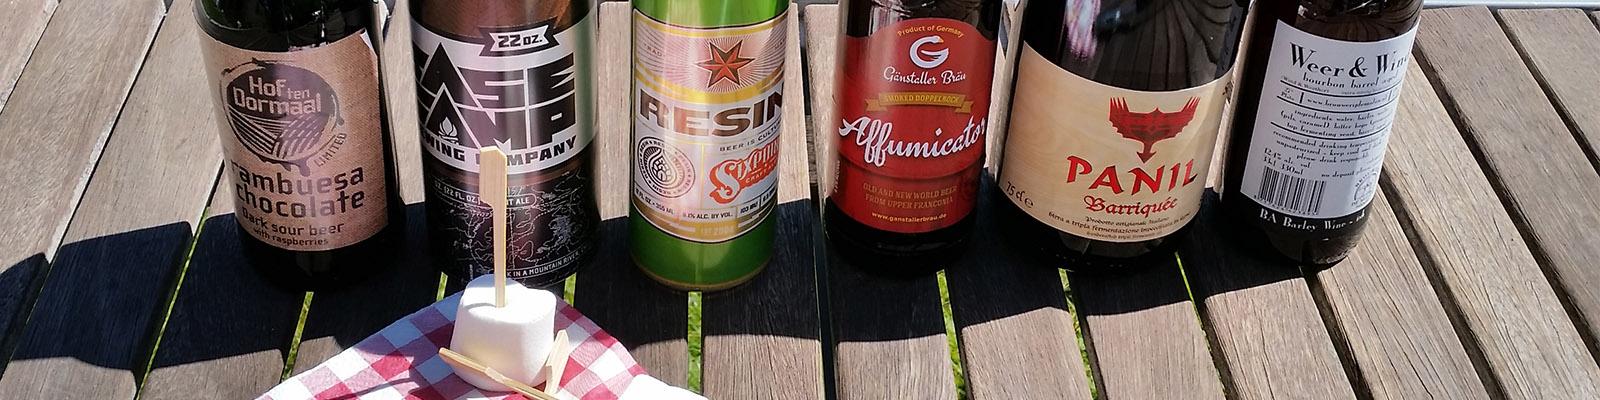 Bierproeverij fijne bieren op een rij